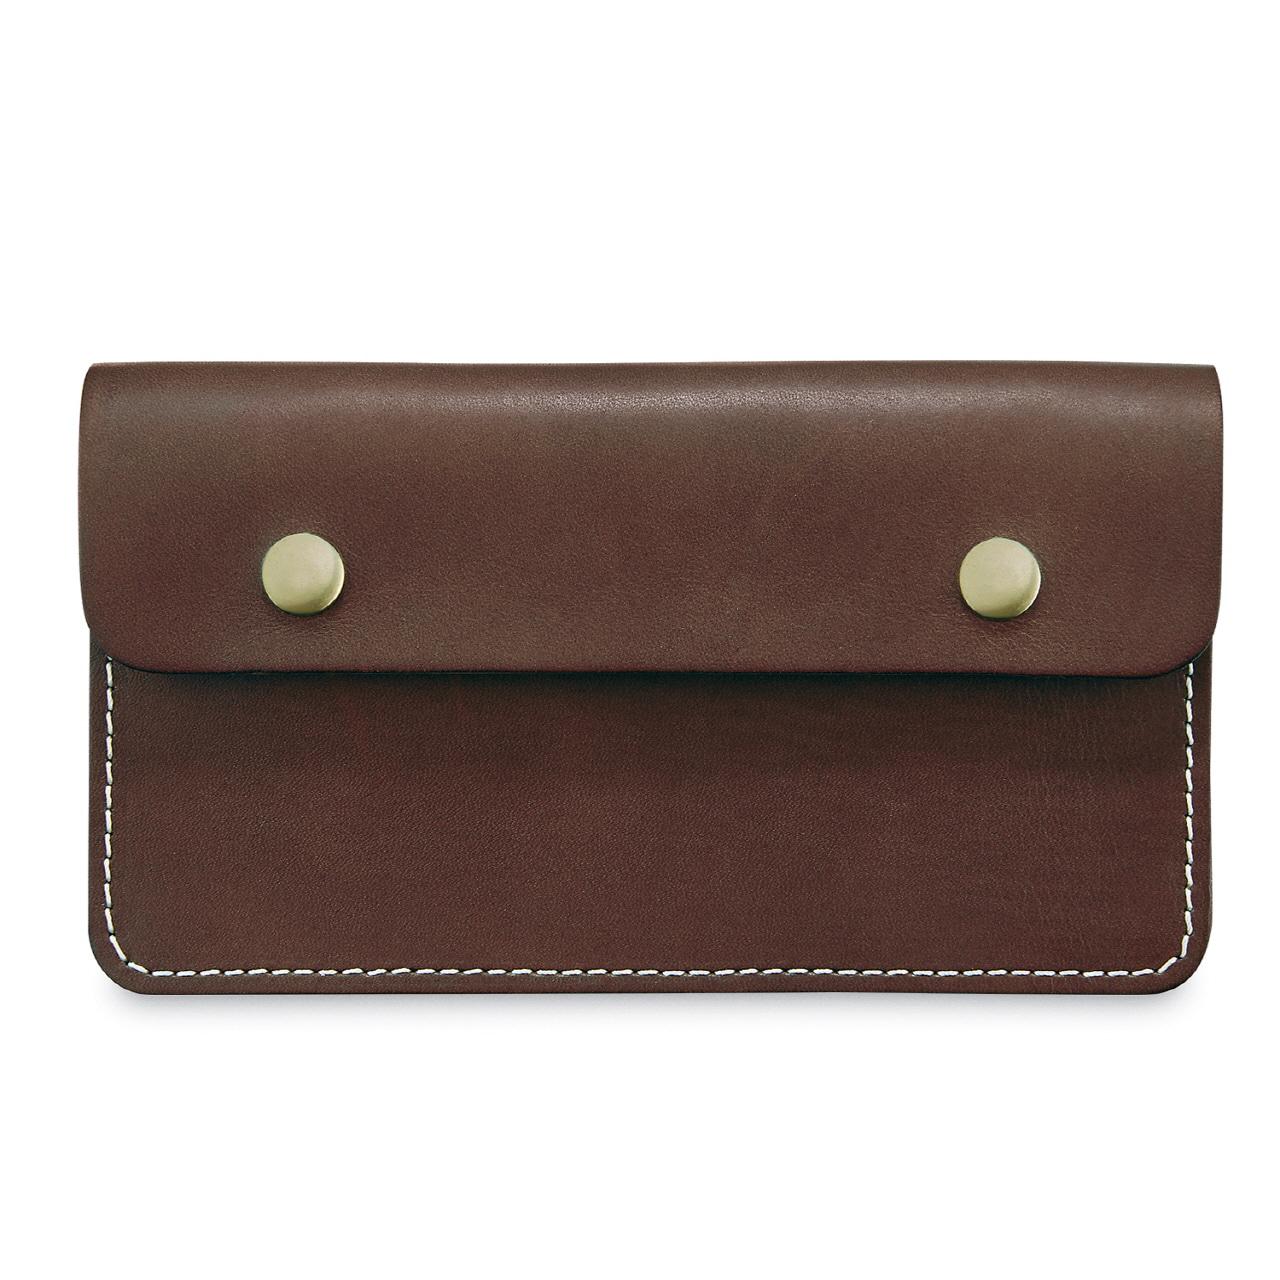 트러커 지갑 95032 - 앰버 프론티어